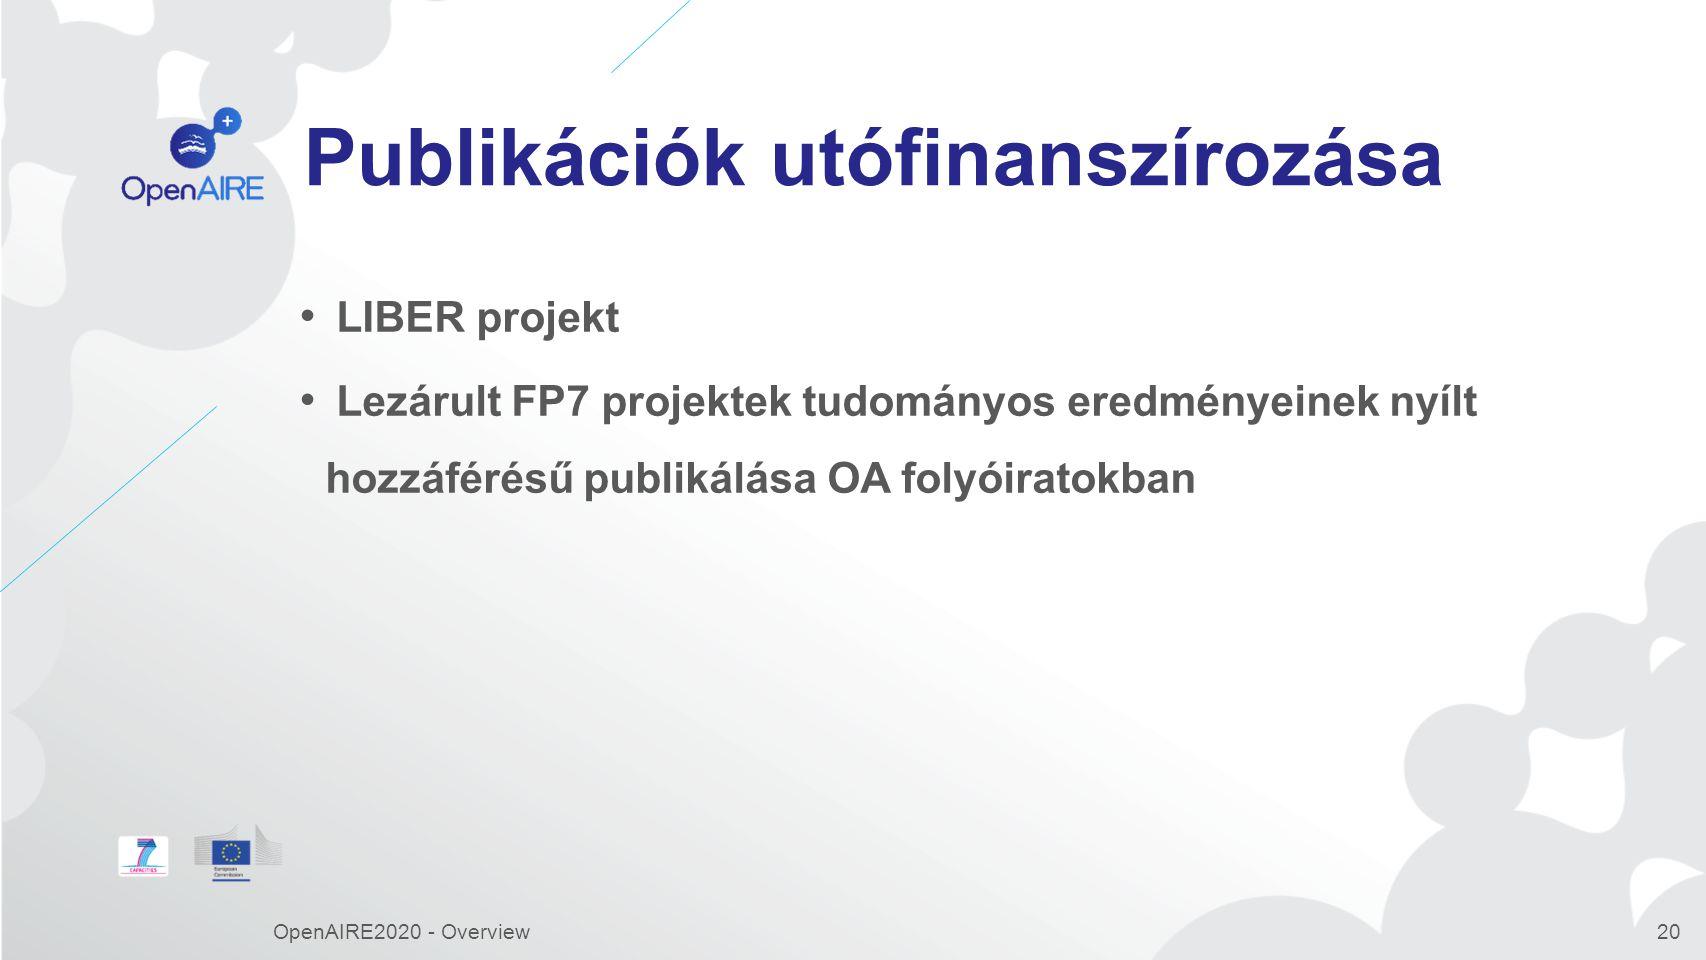 Publikációk utófinanszírozása LIBER projekt Lezárult FP7 projektek tudományos eredményeinek nyílt hozzáférésű publikálása OA folyóiratokban OpenAIRE2020 - Overview20